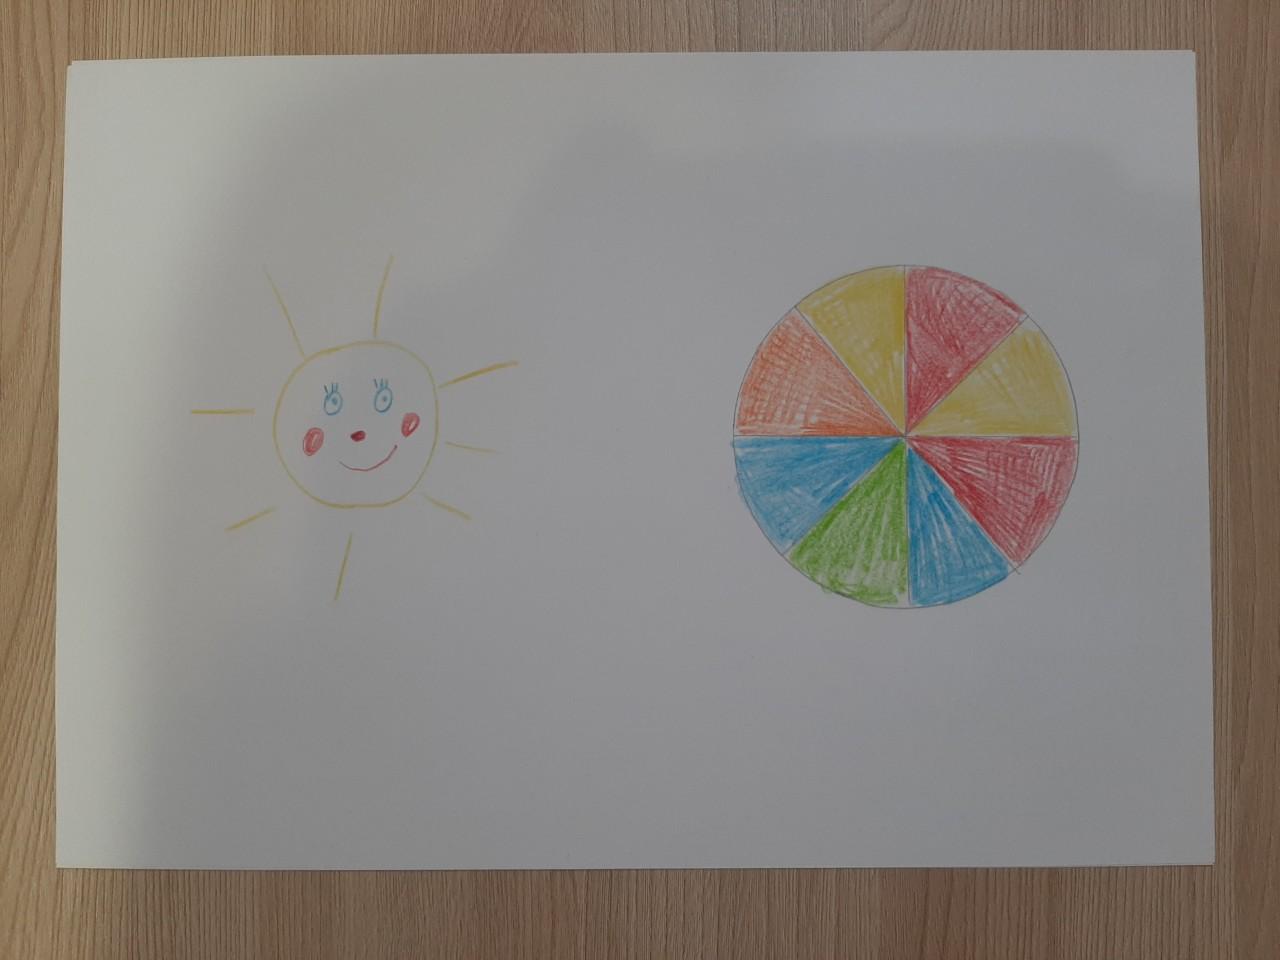 Тортик для гномика (цветорисуночный тест оценки психического состояния дошкольников)